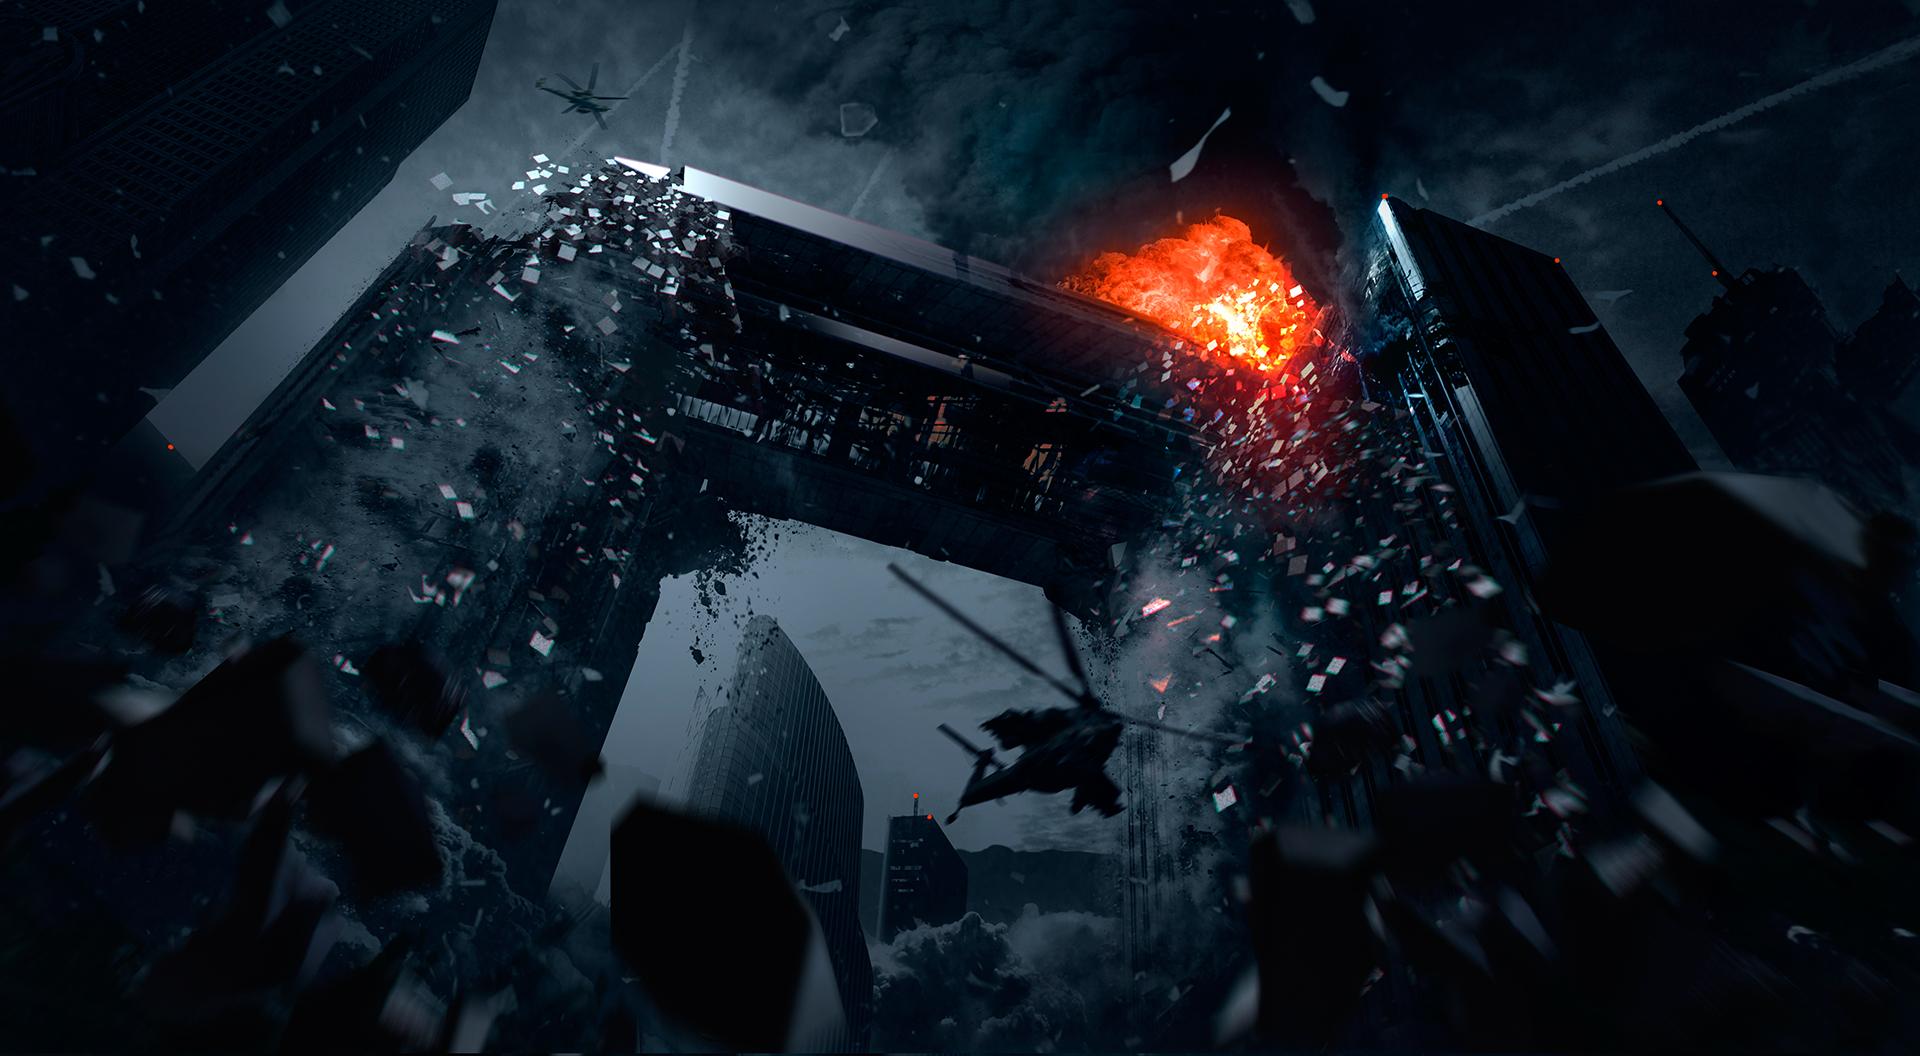 Call of Duty: Ghosts ab sofort mit brandneuer Bonus-Map 'Free Fall' für Vorbesteller